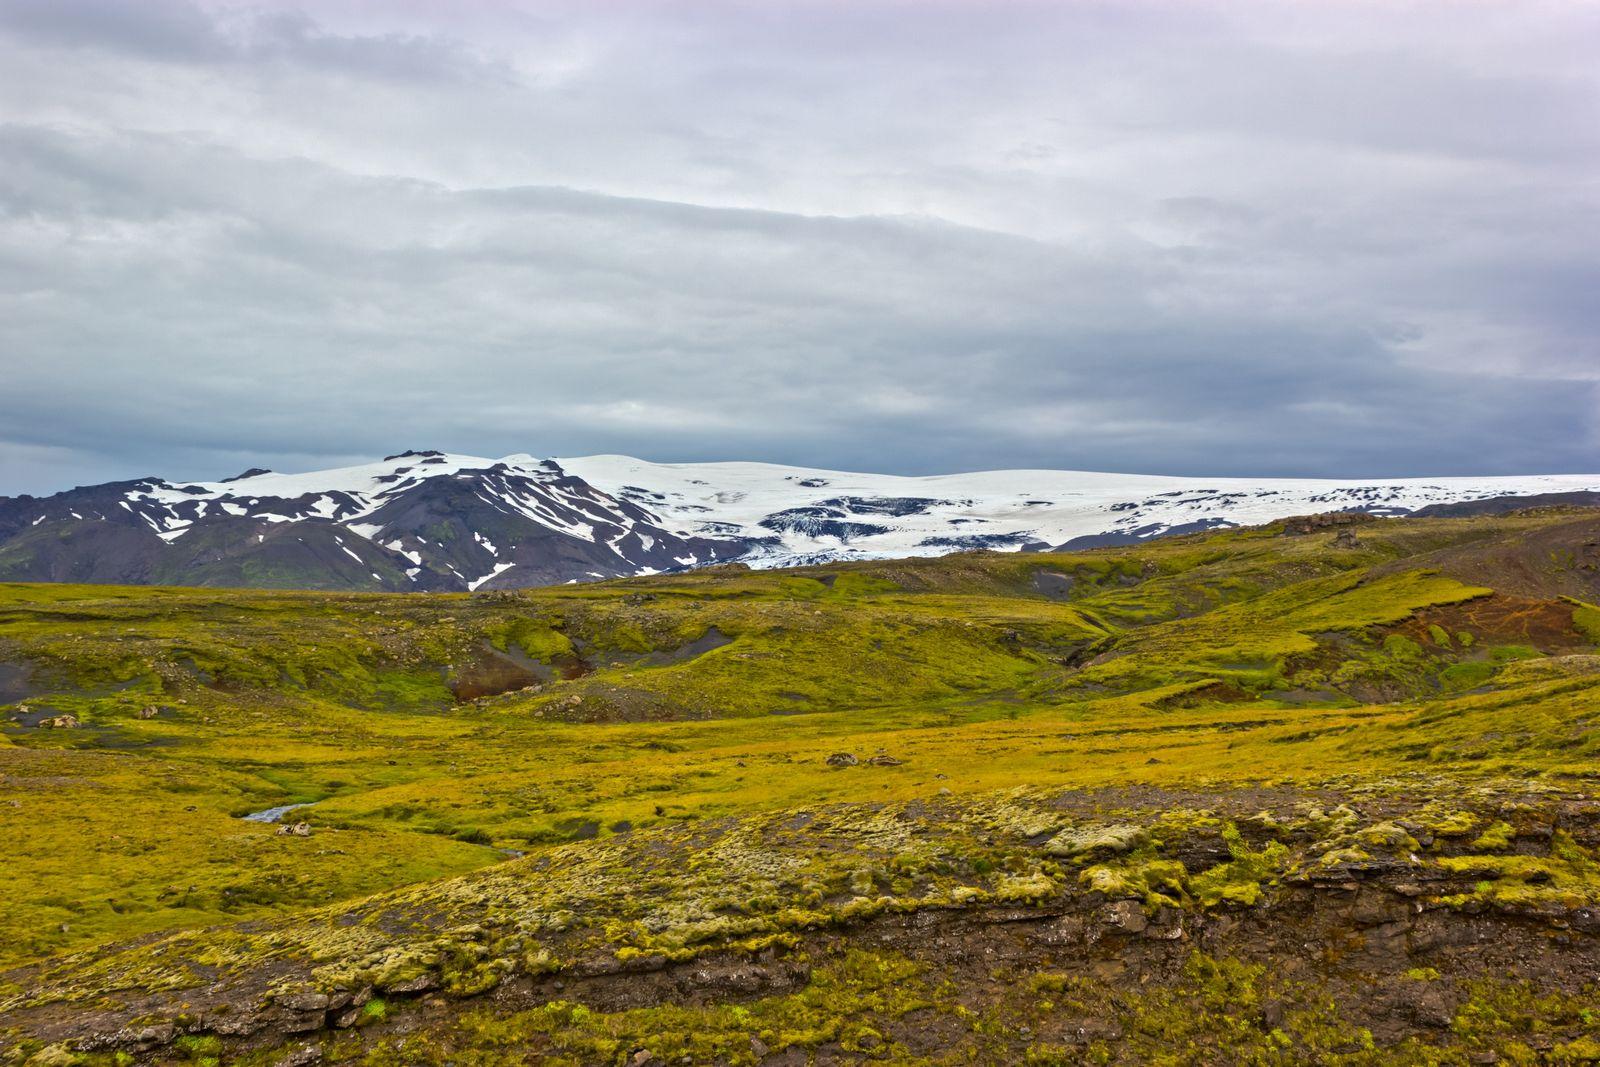 El glaciar Eyjafjallajökull, al oeste de Skógar